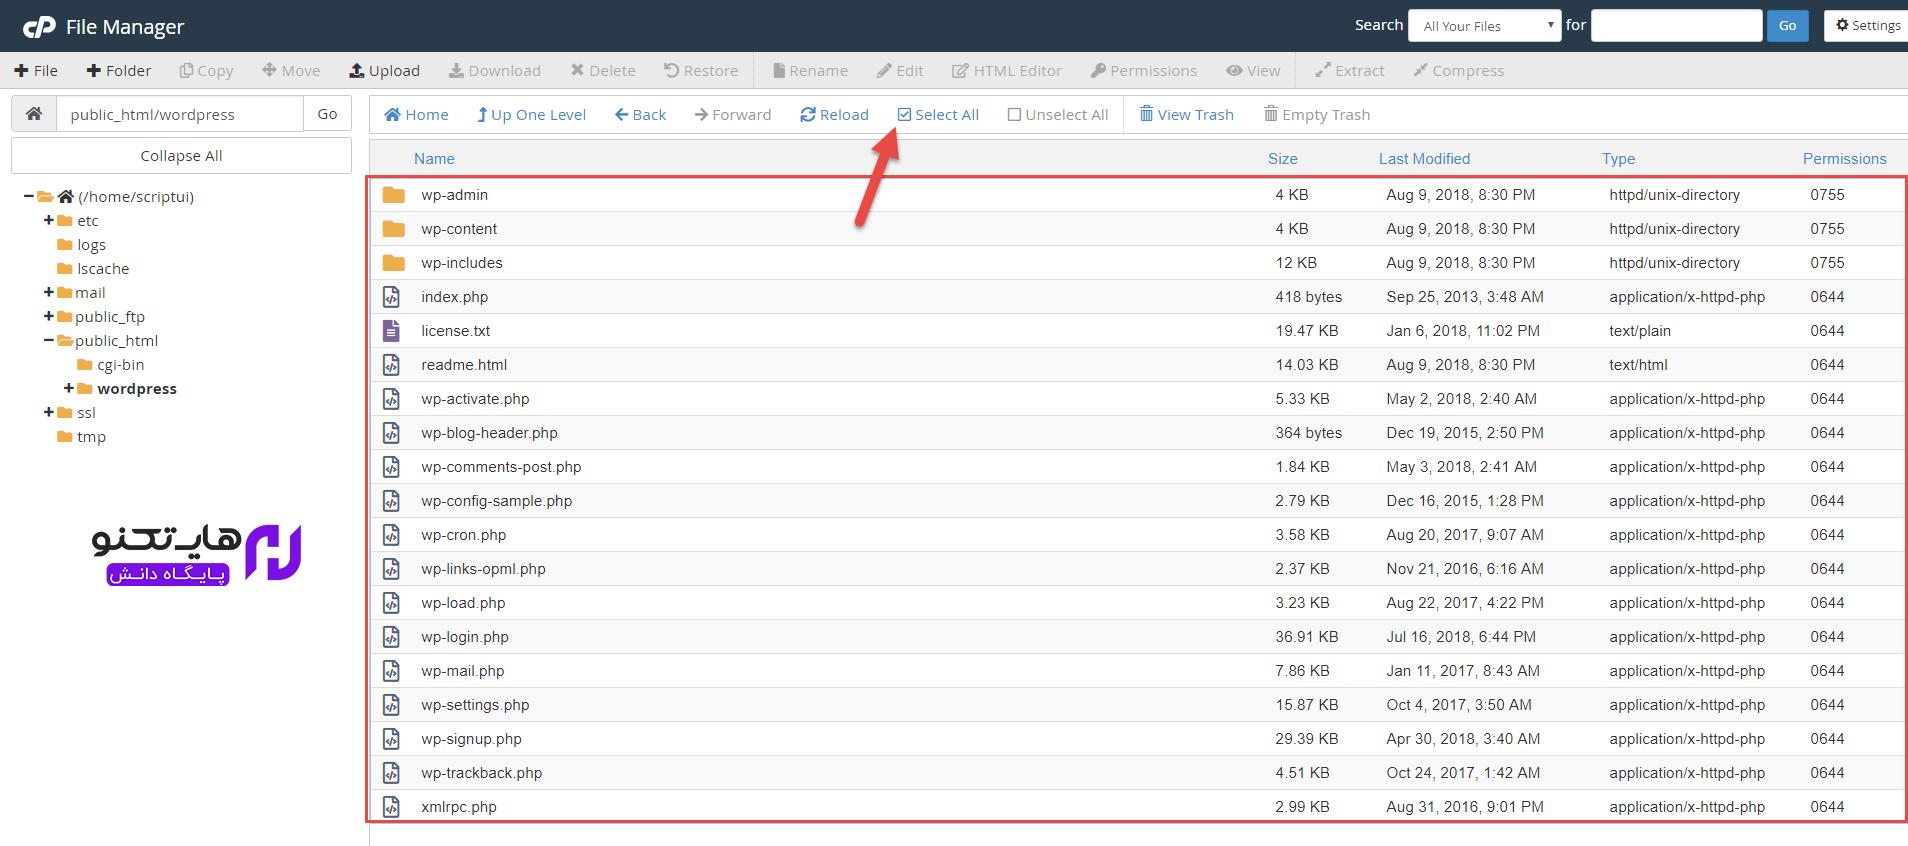 تمام فایل های وردپرس را توسط ابزار select all انتخاب کنید.